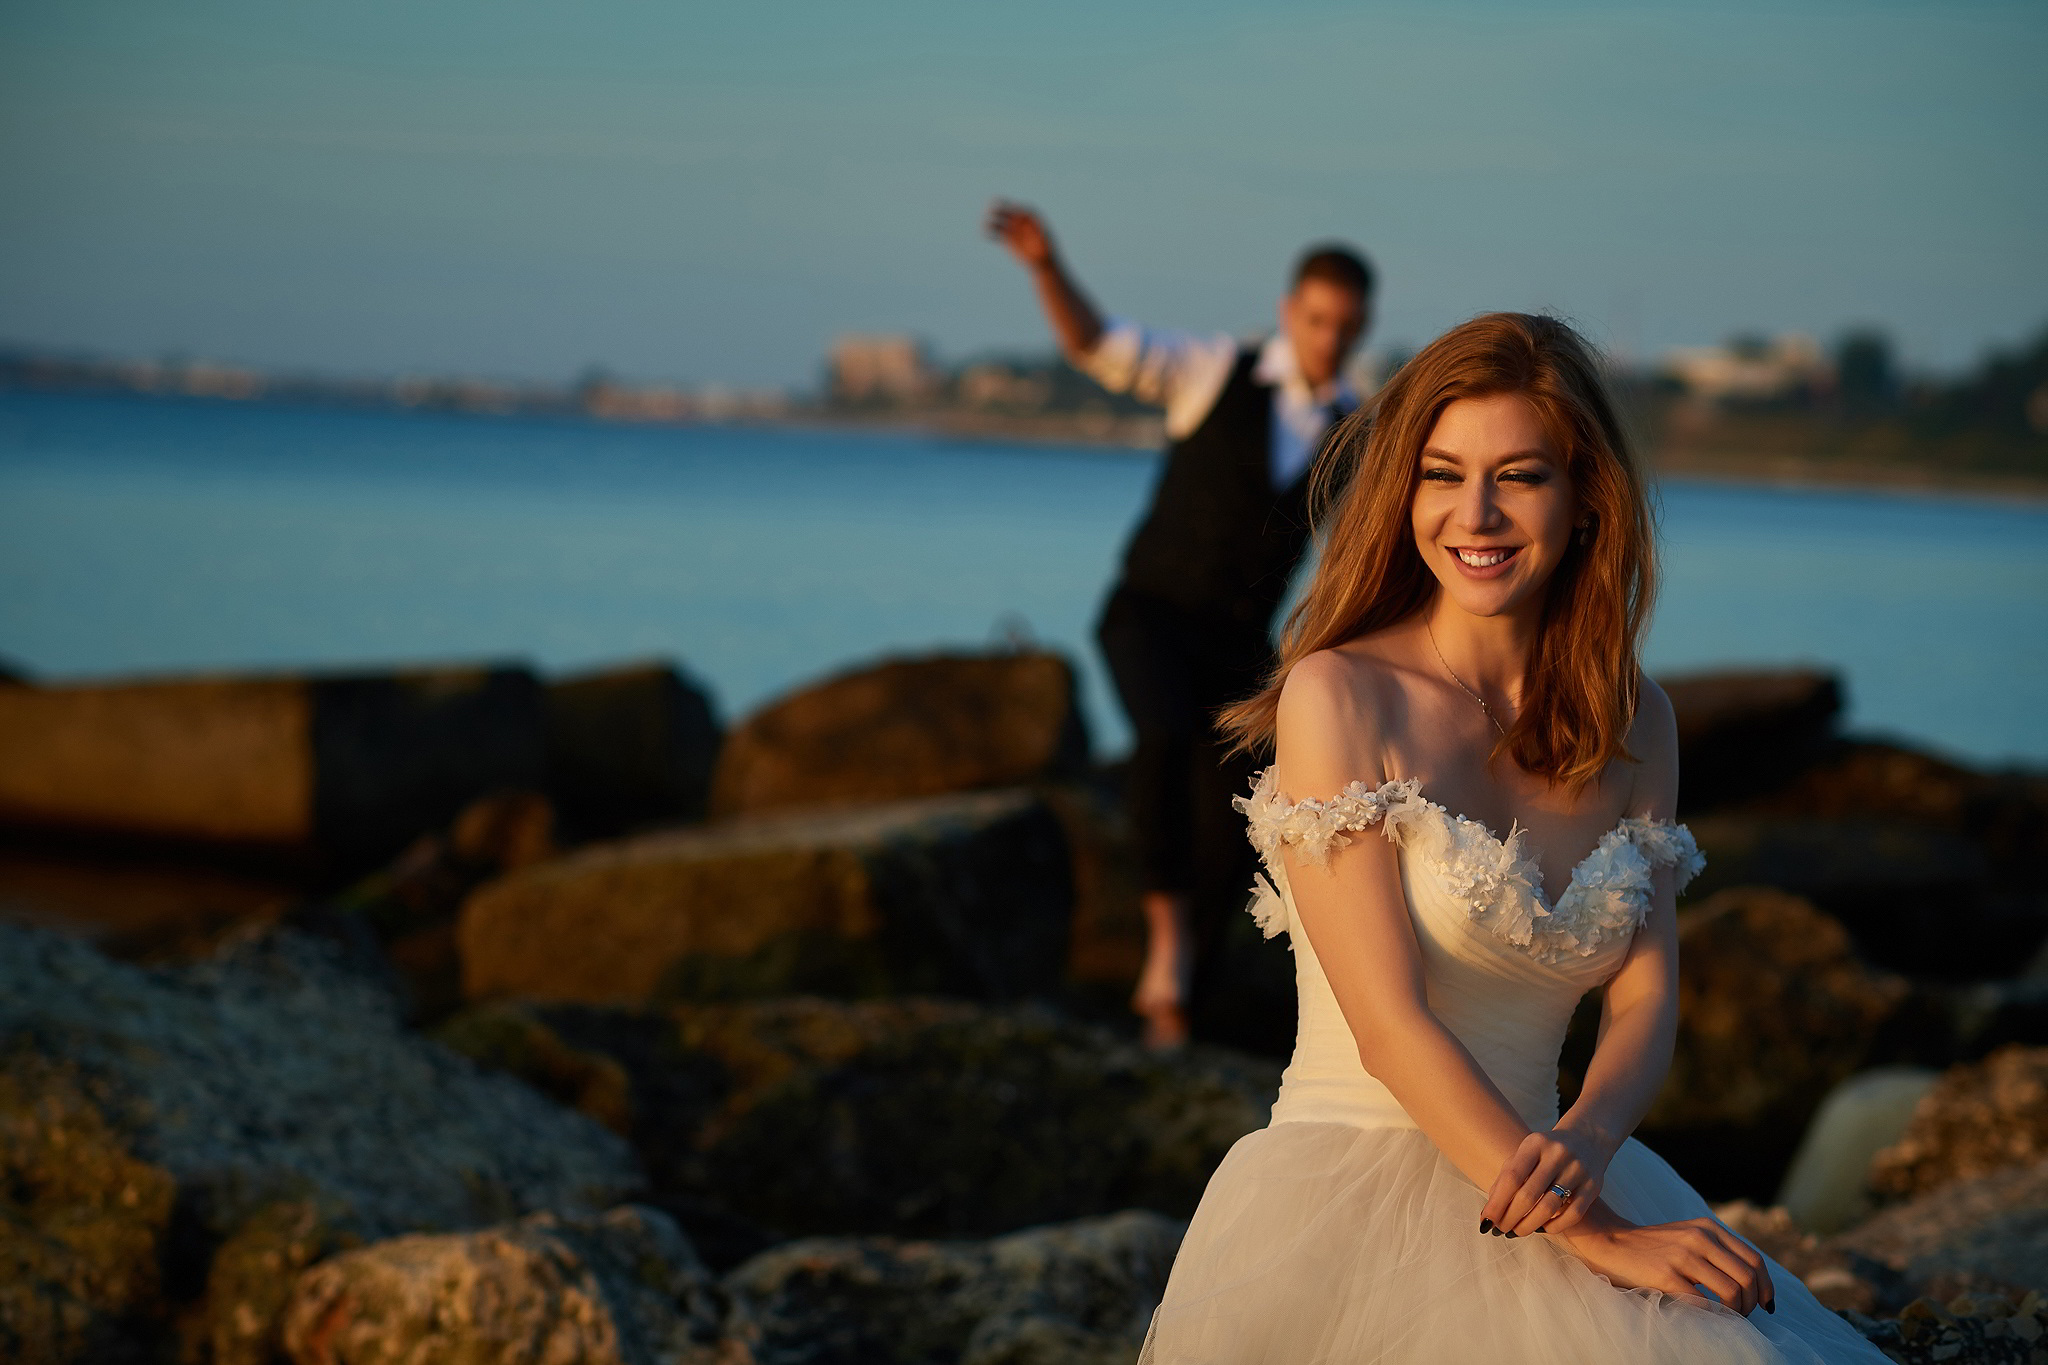 fotograf nunta constanta 12